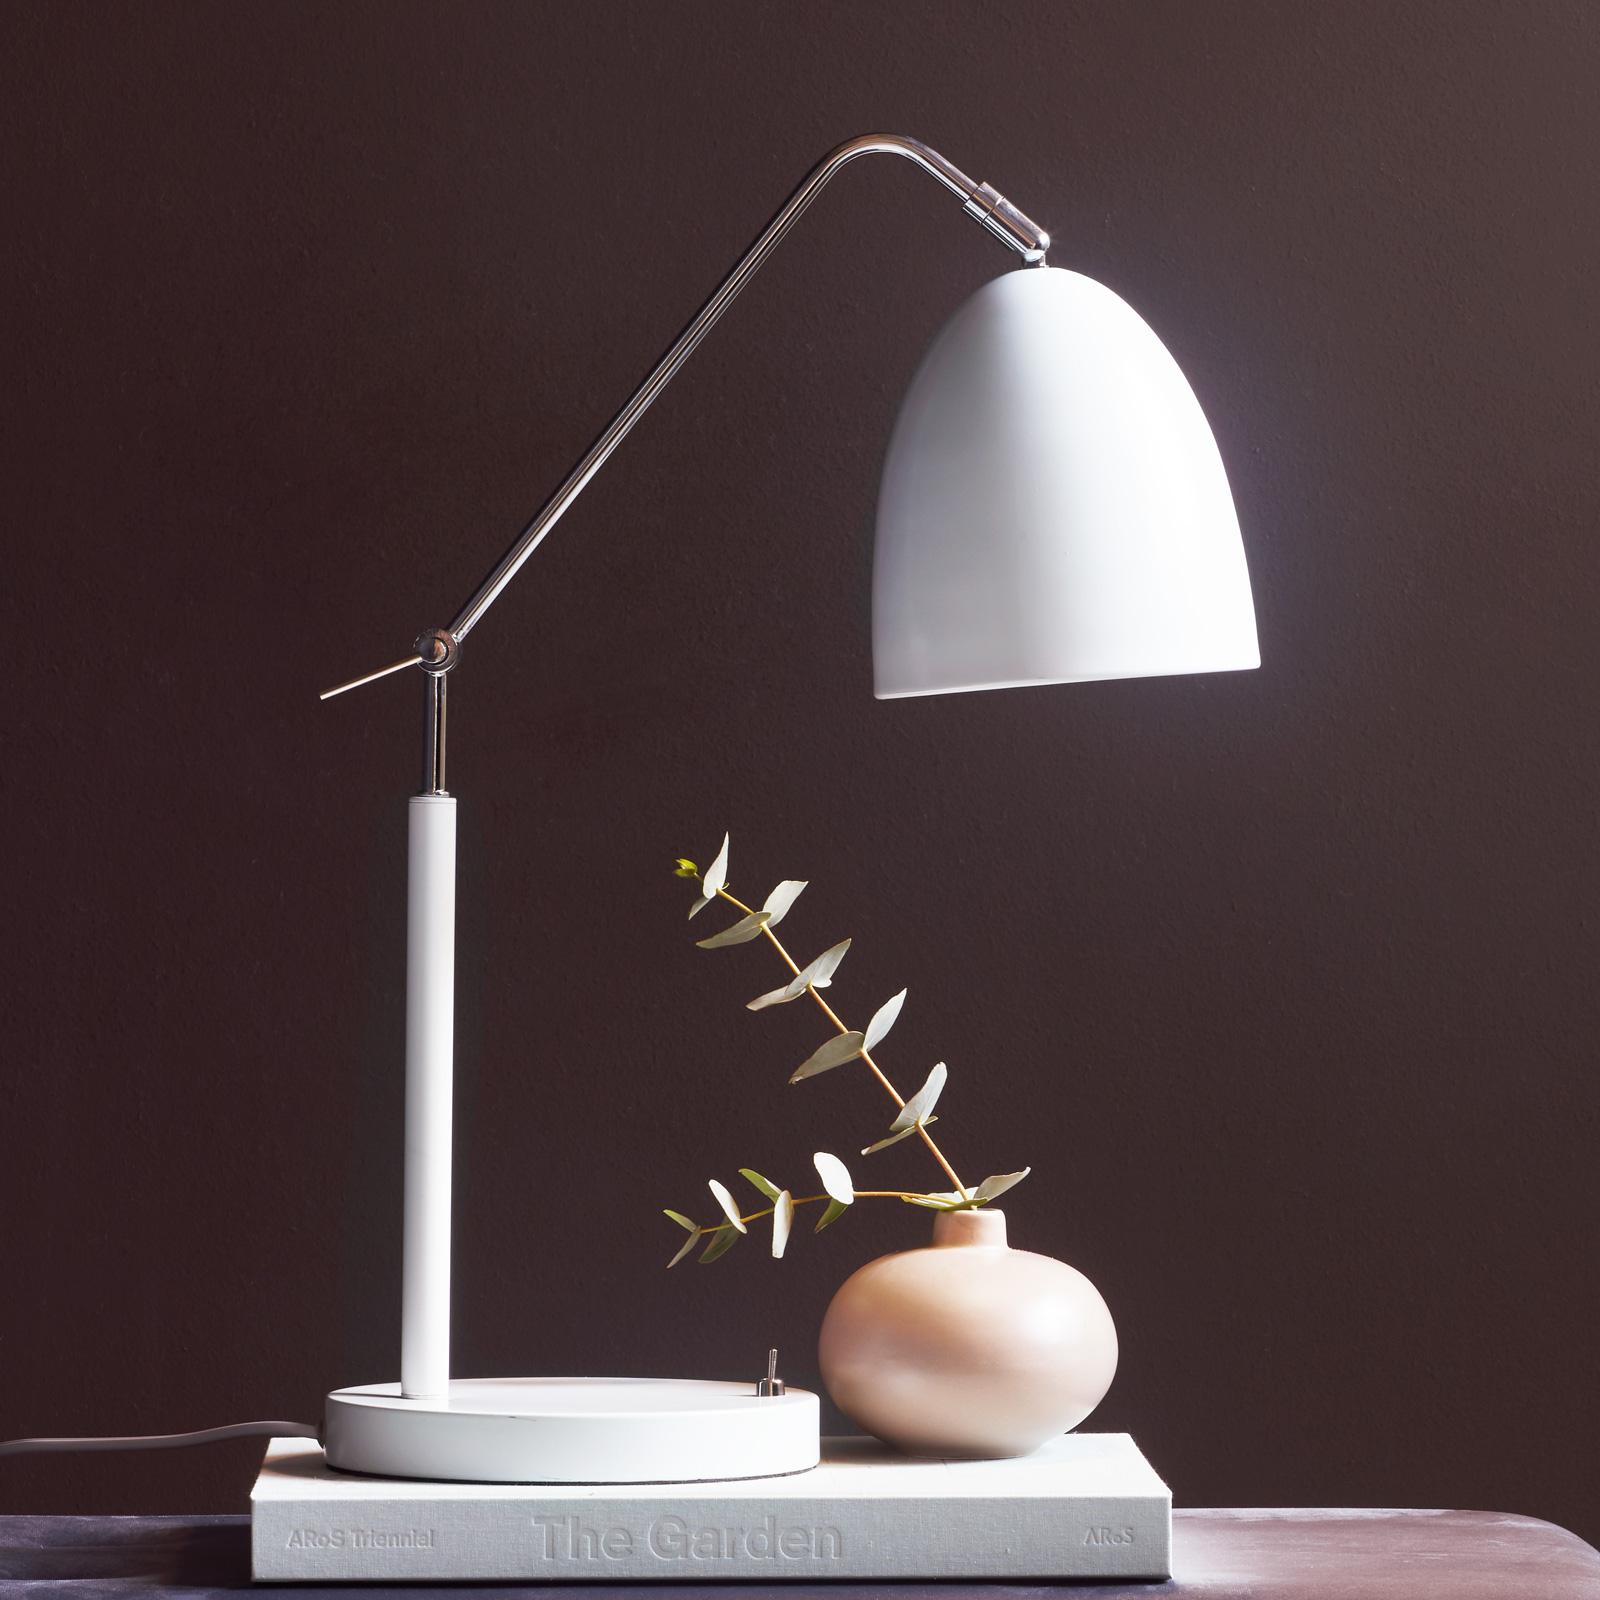 Lampa stołowa Alexander z przegubami, biała